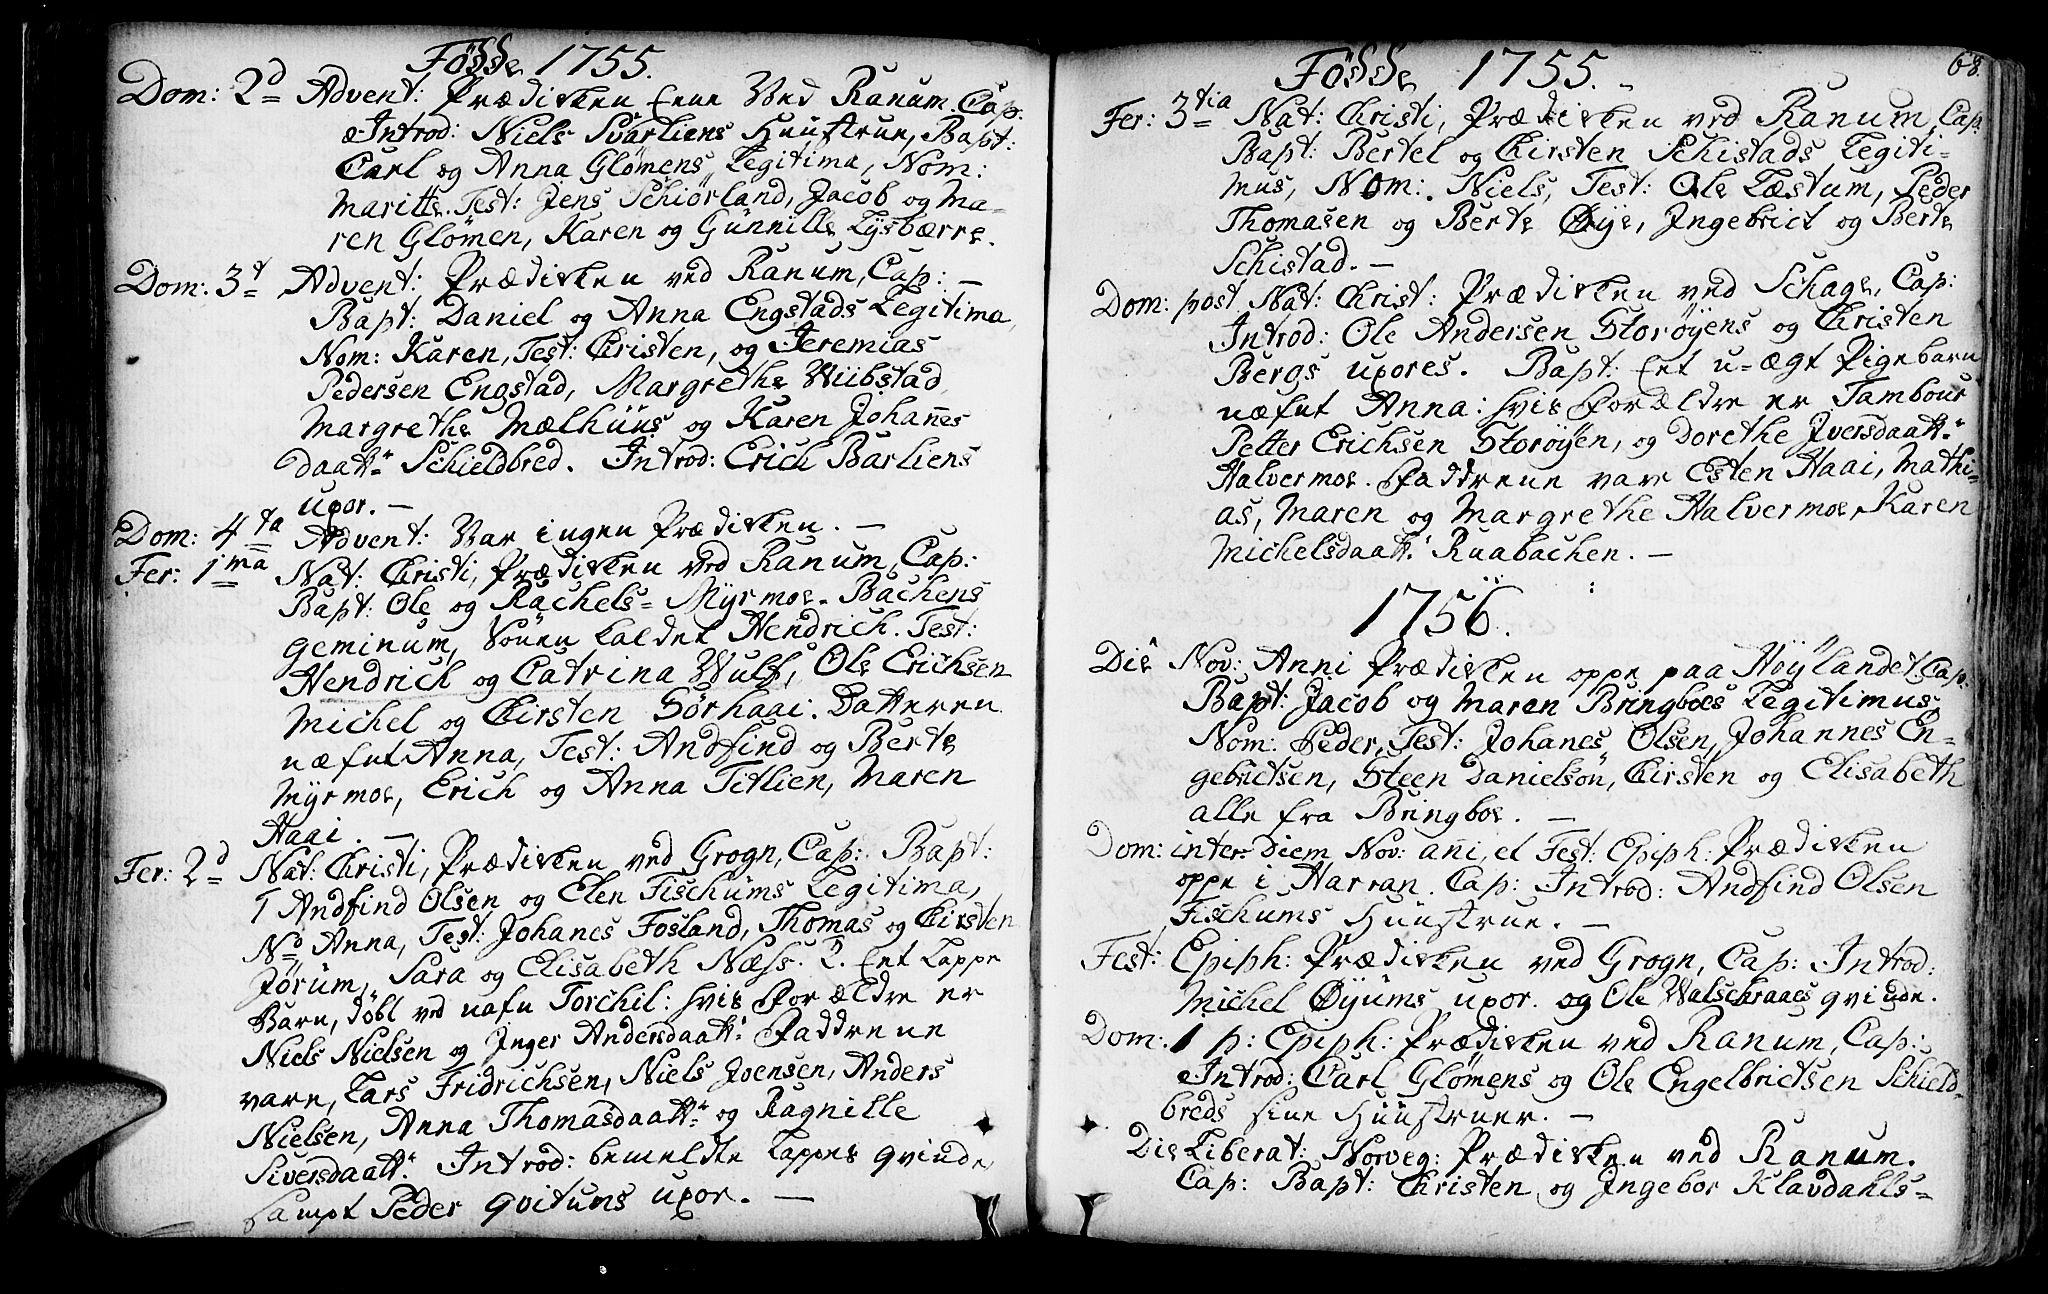 SAT, Ministerialprotokoller, klokkerbøker og fødselsregistre - Nord-Trøndelag, 764/L0542: Ministerialbok nr. 764A02, 1748-1779, s. 68